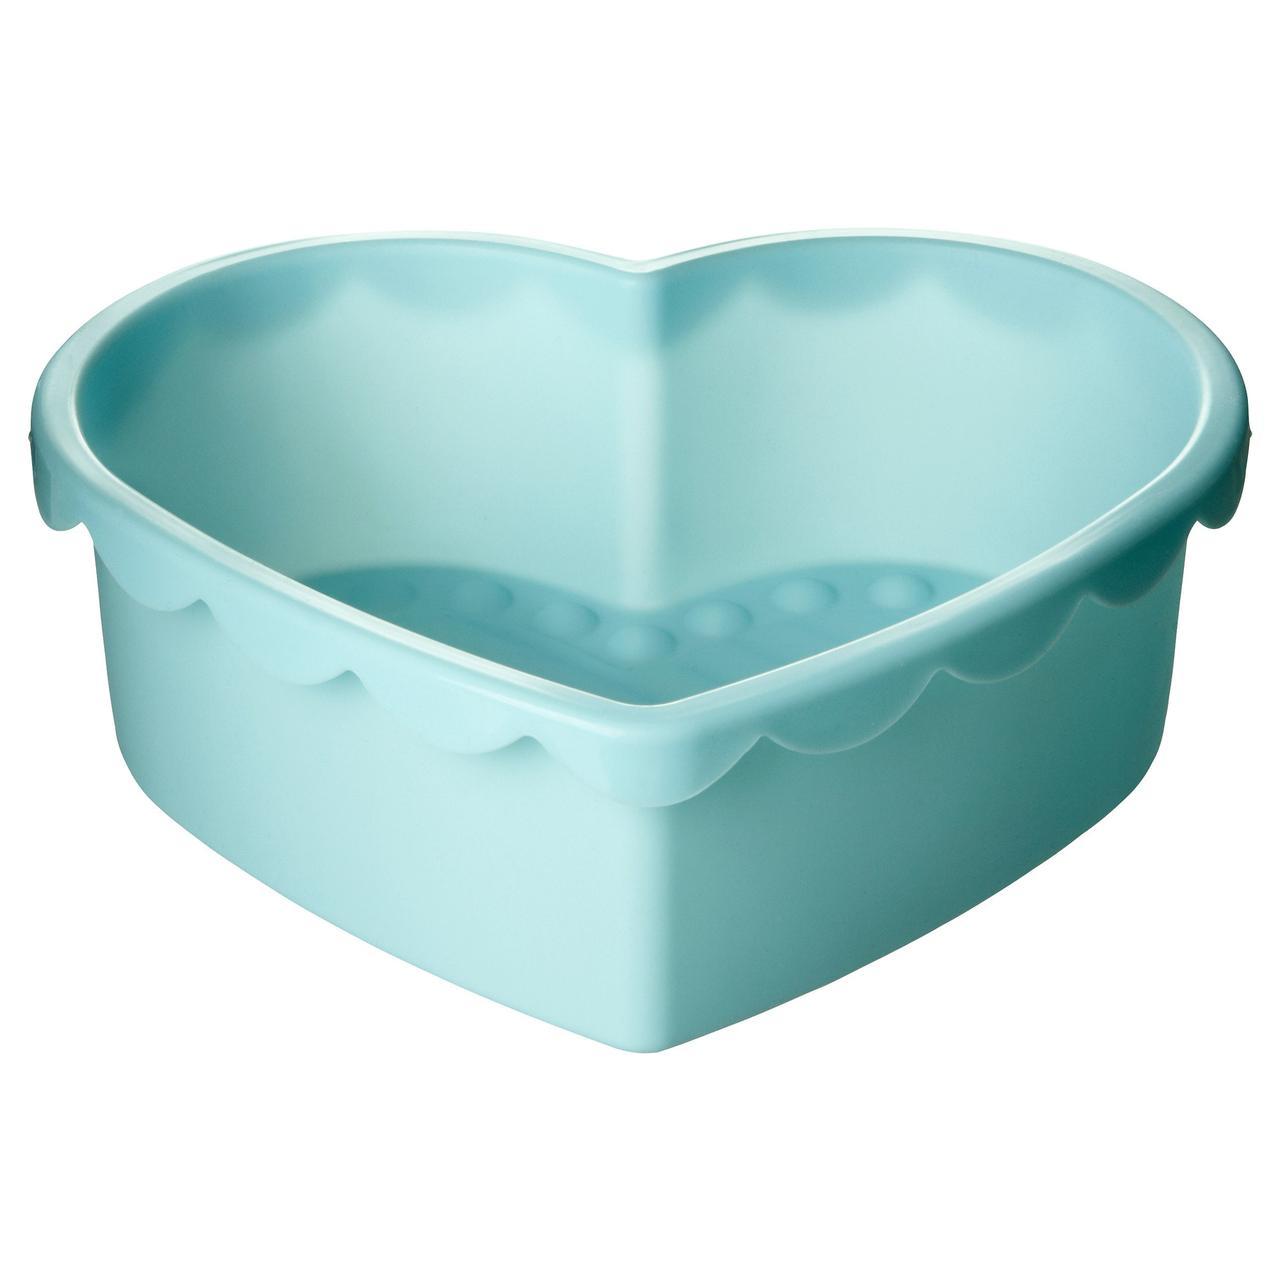 СОККЕРТАКА Форма для выпечки, в форме сердца голубой